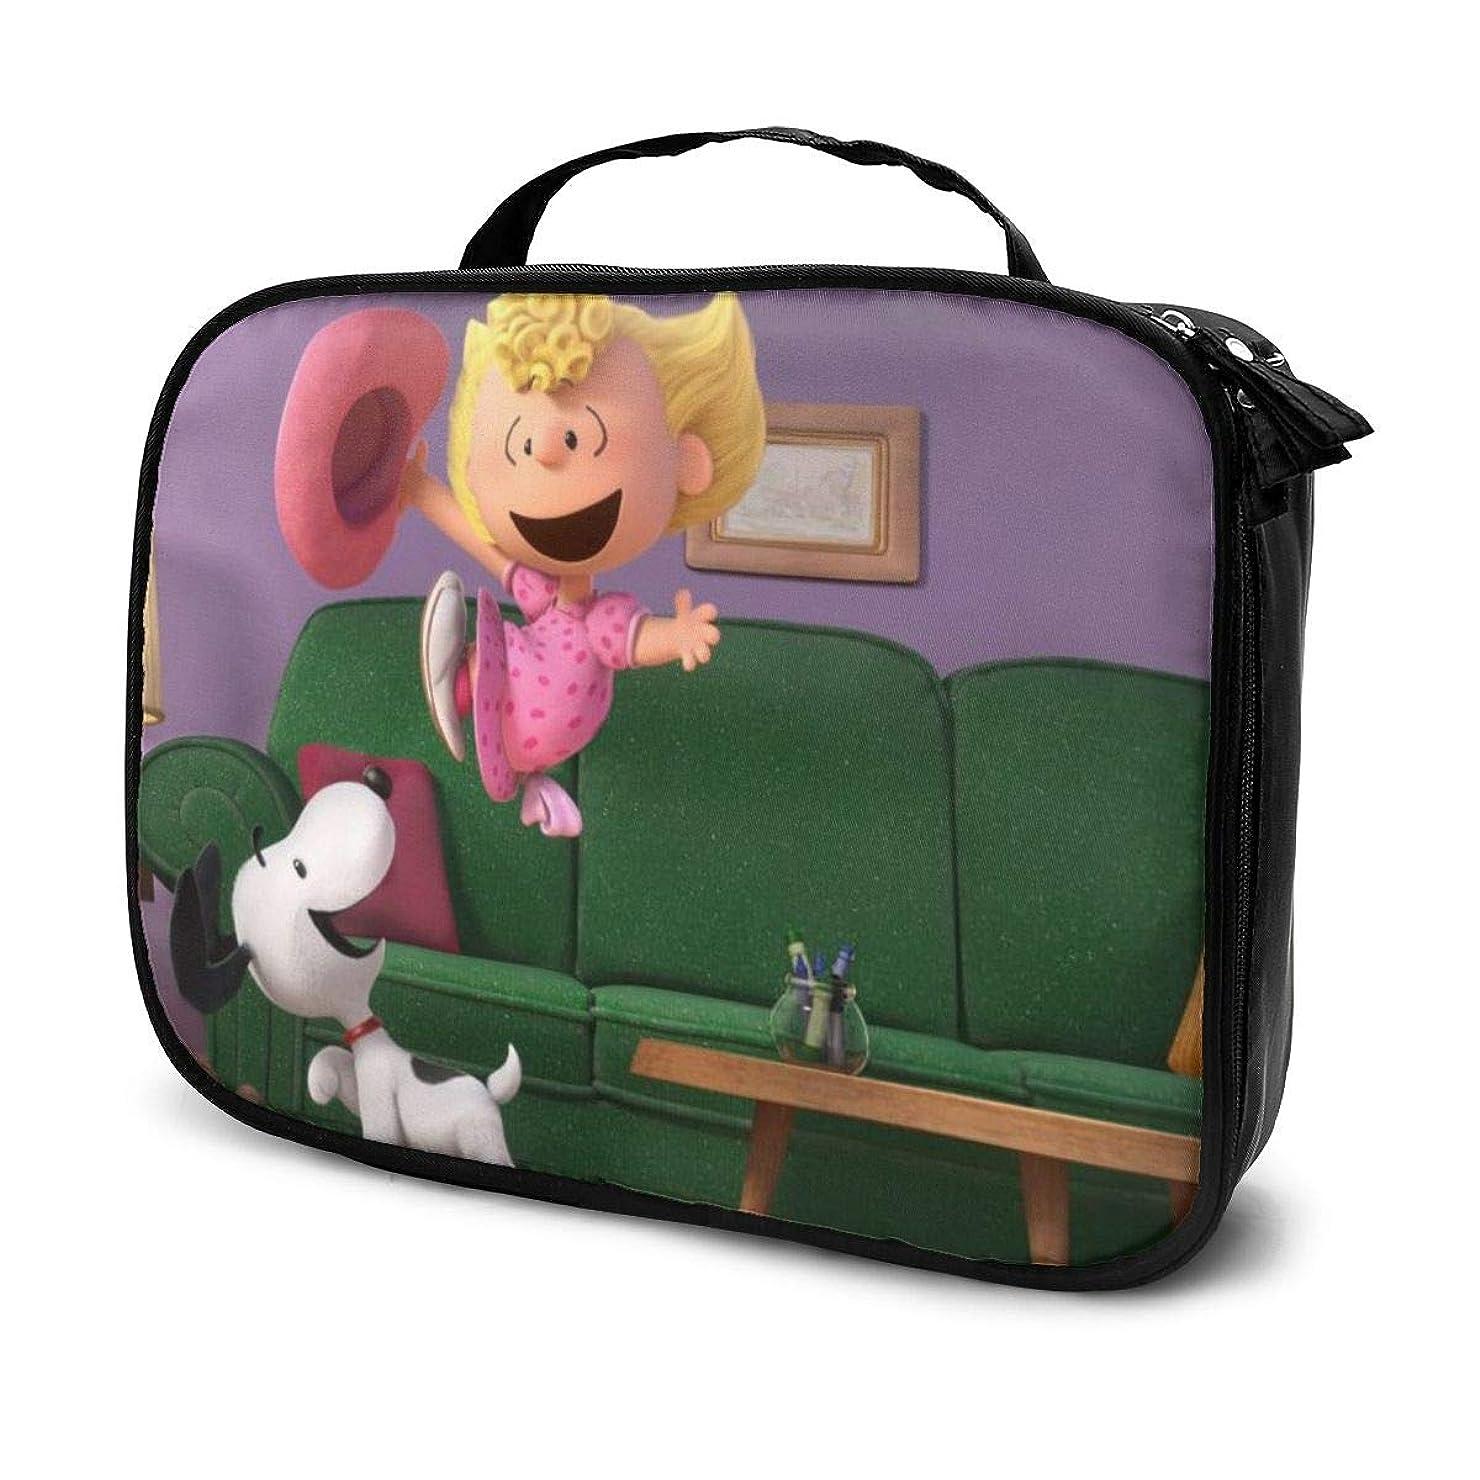 従順な養う実験室Daituスヌーピー 化粧品袋の女性旅行バッグ収納大容量防水アクセサリー旅行